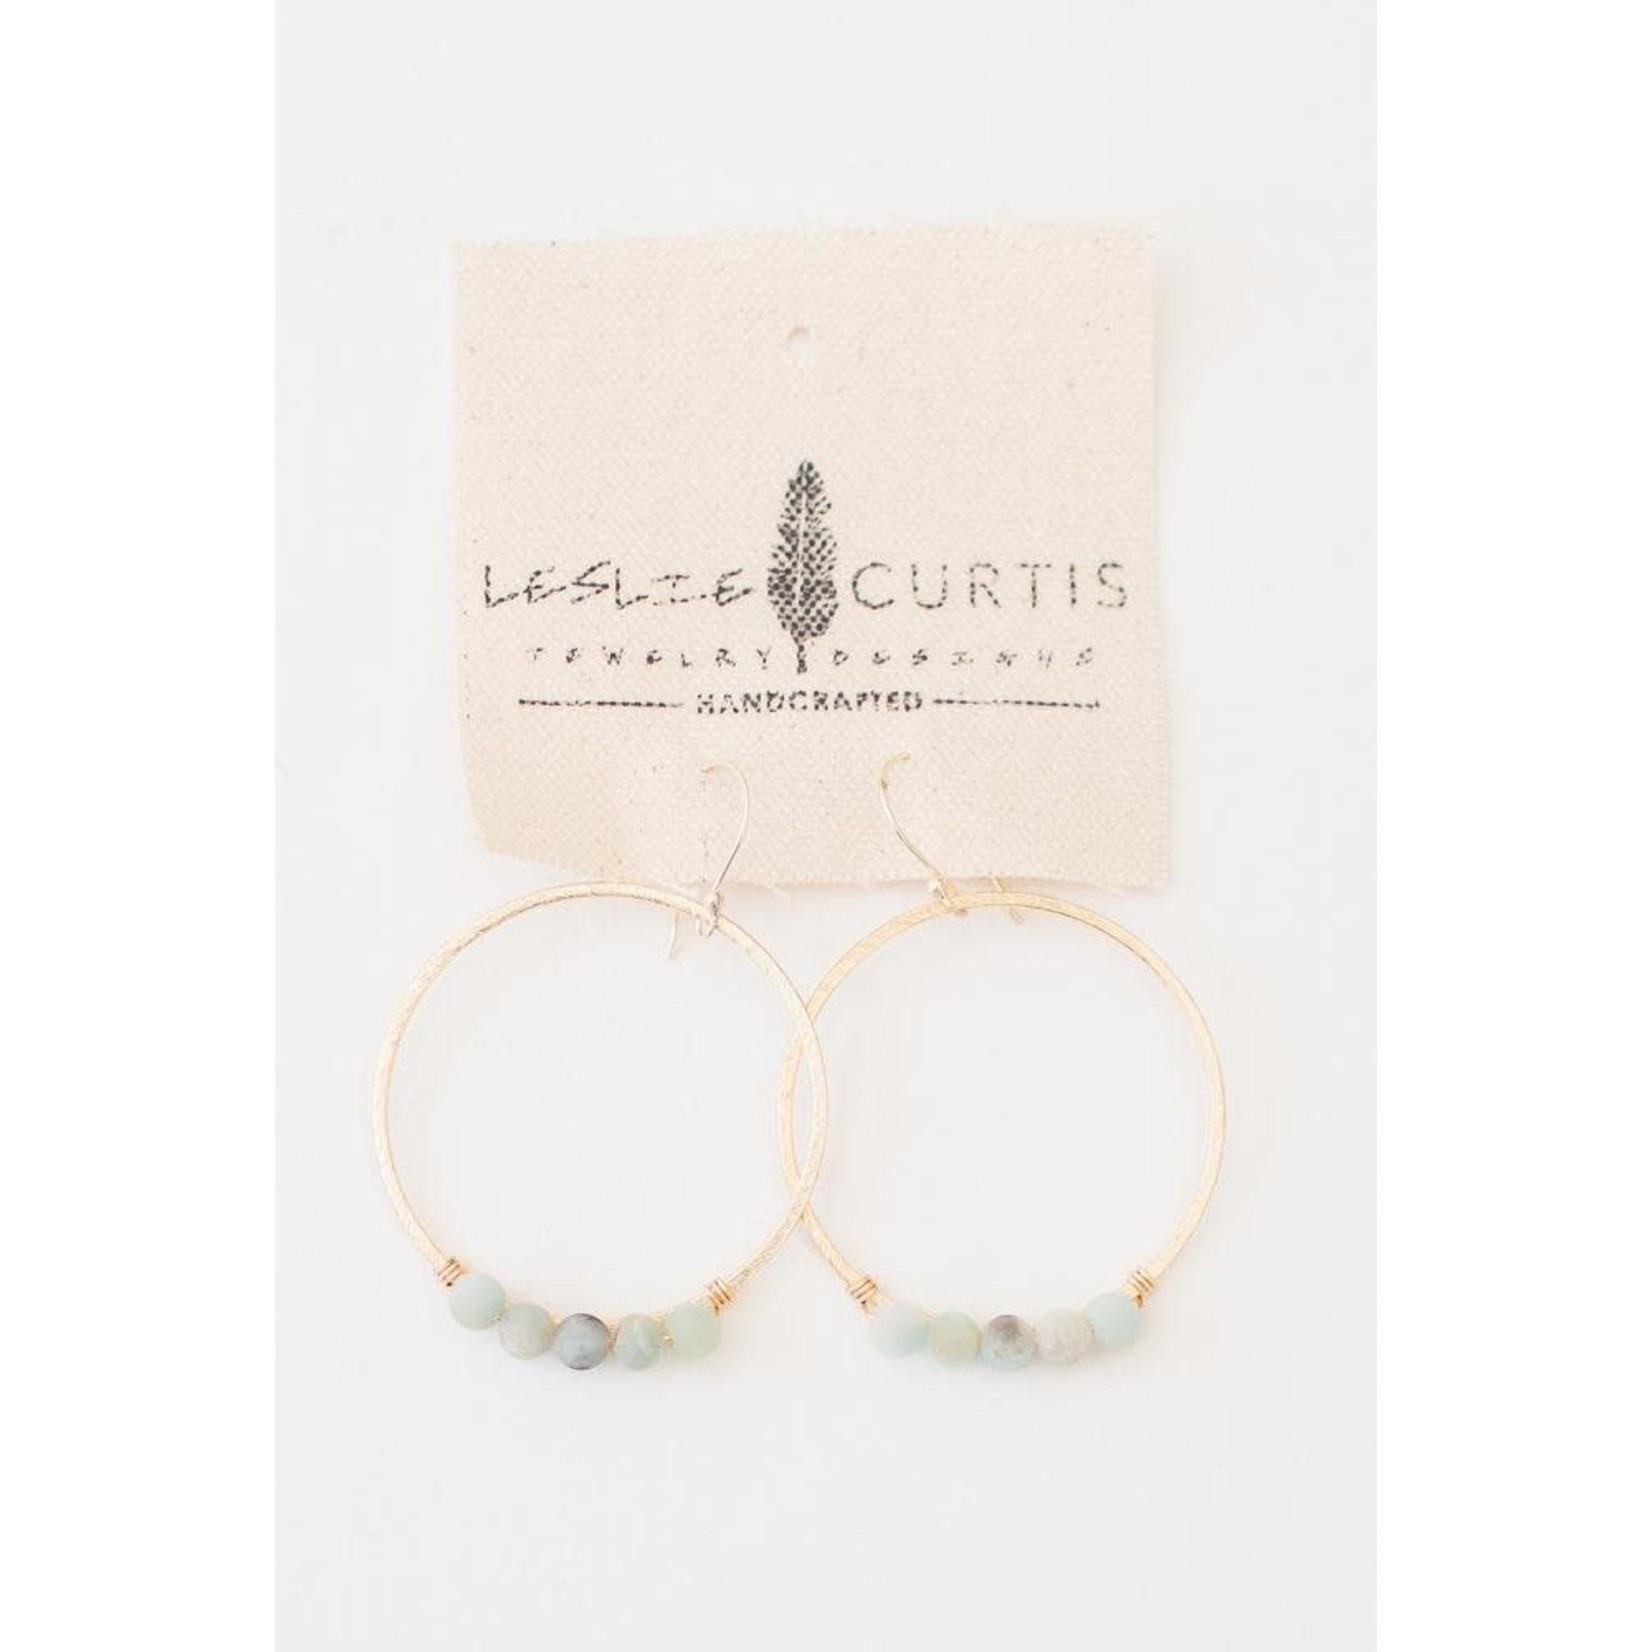 Leslie Curtis Jewelry Designs Jodi Hoop Earrings in Gold